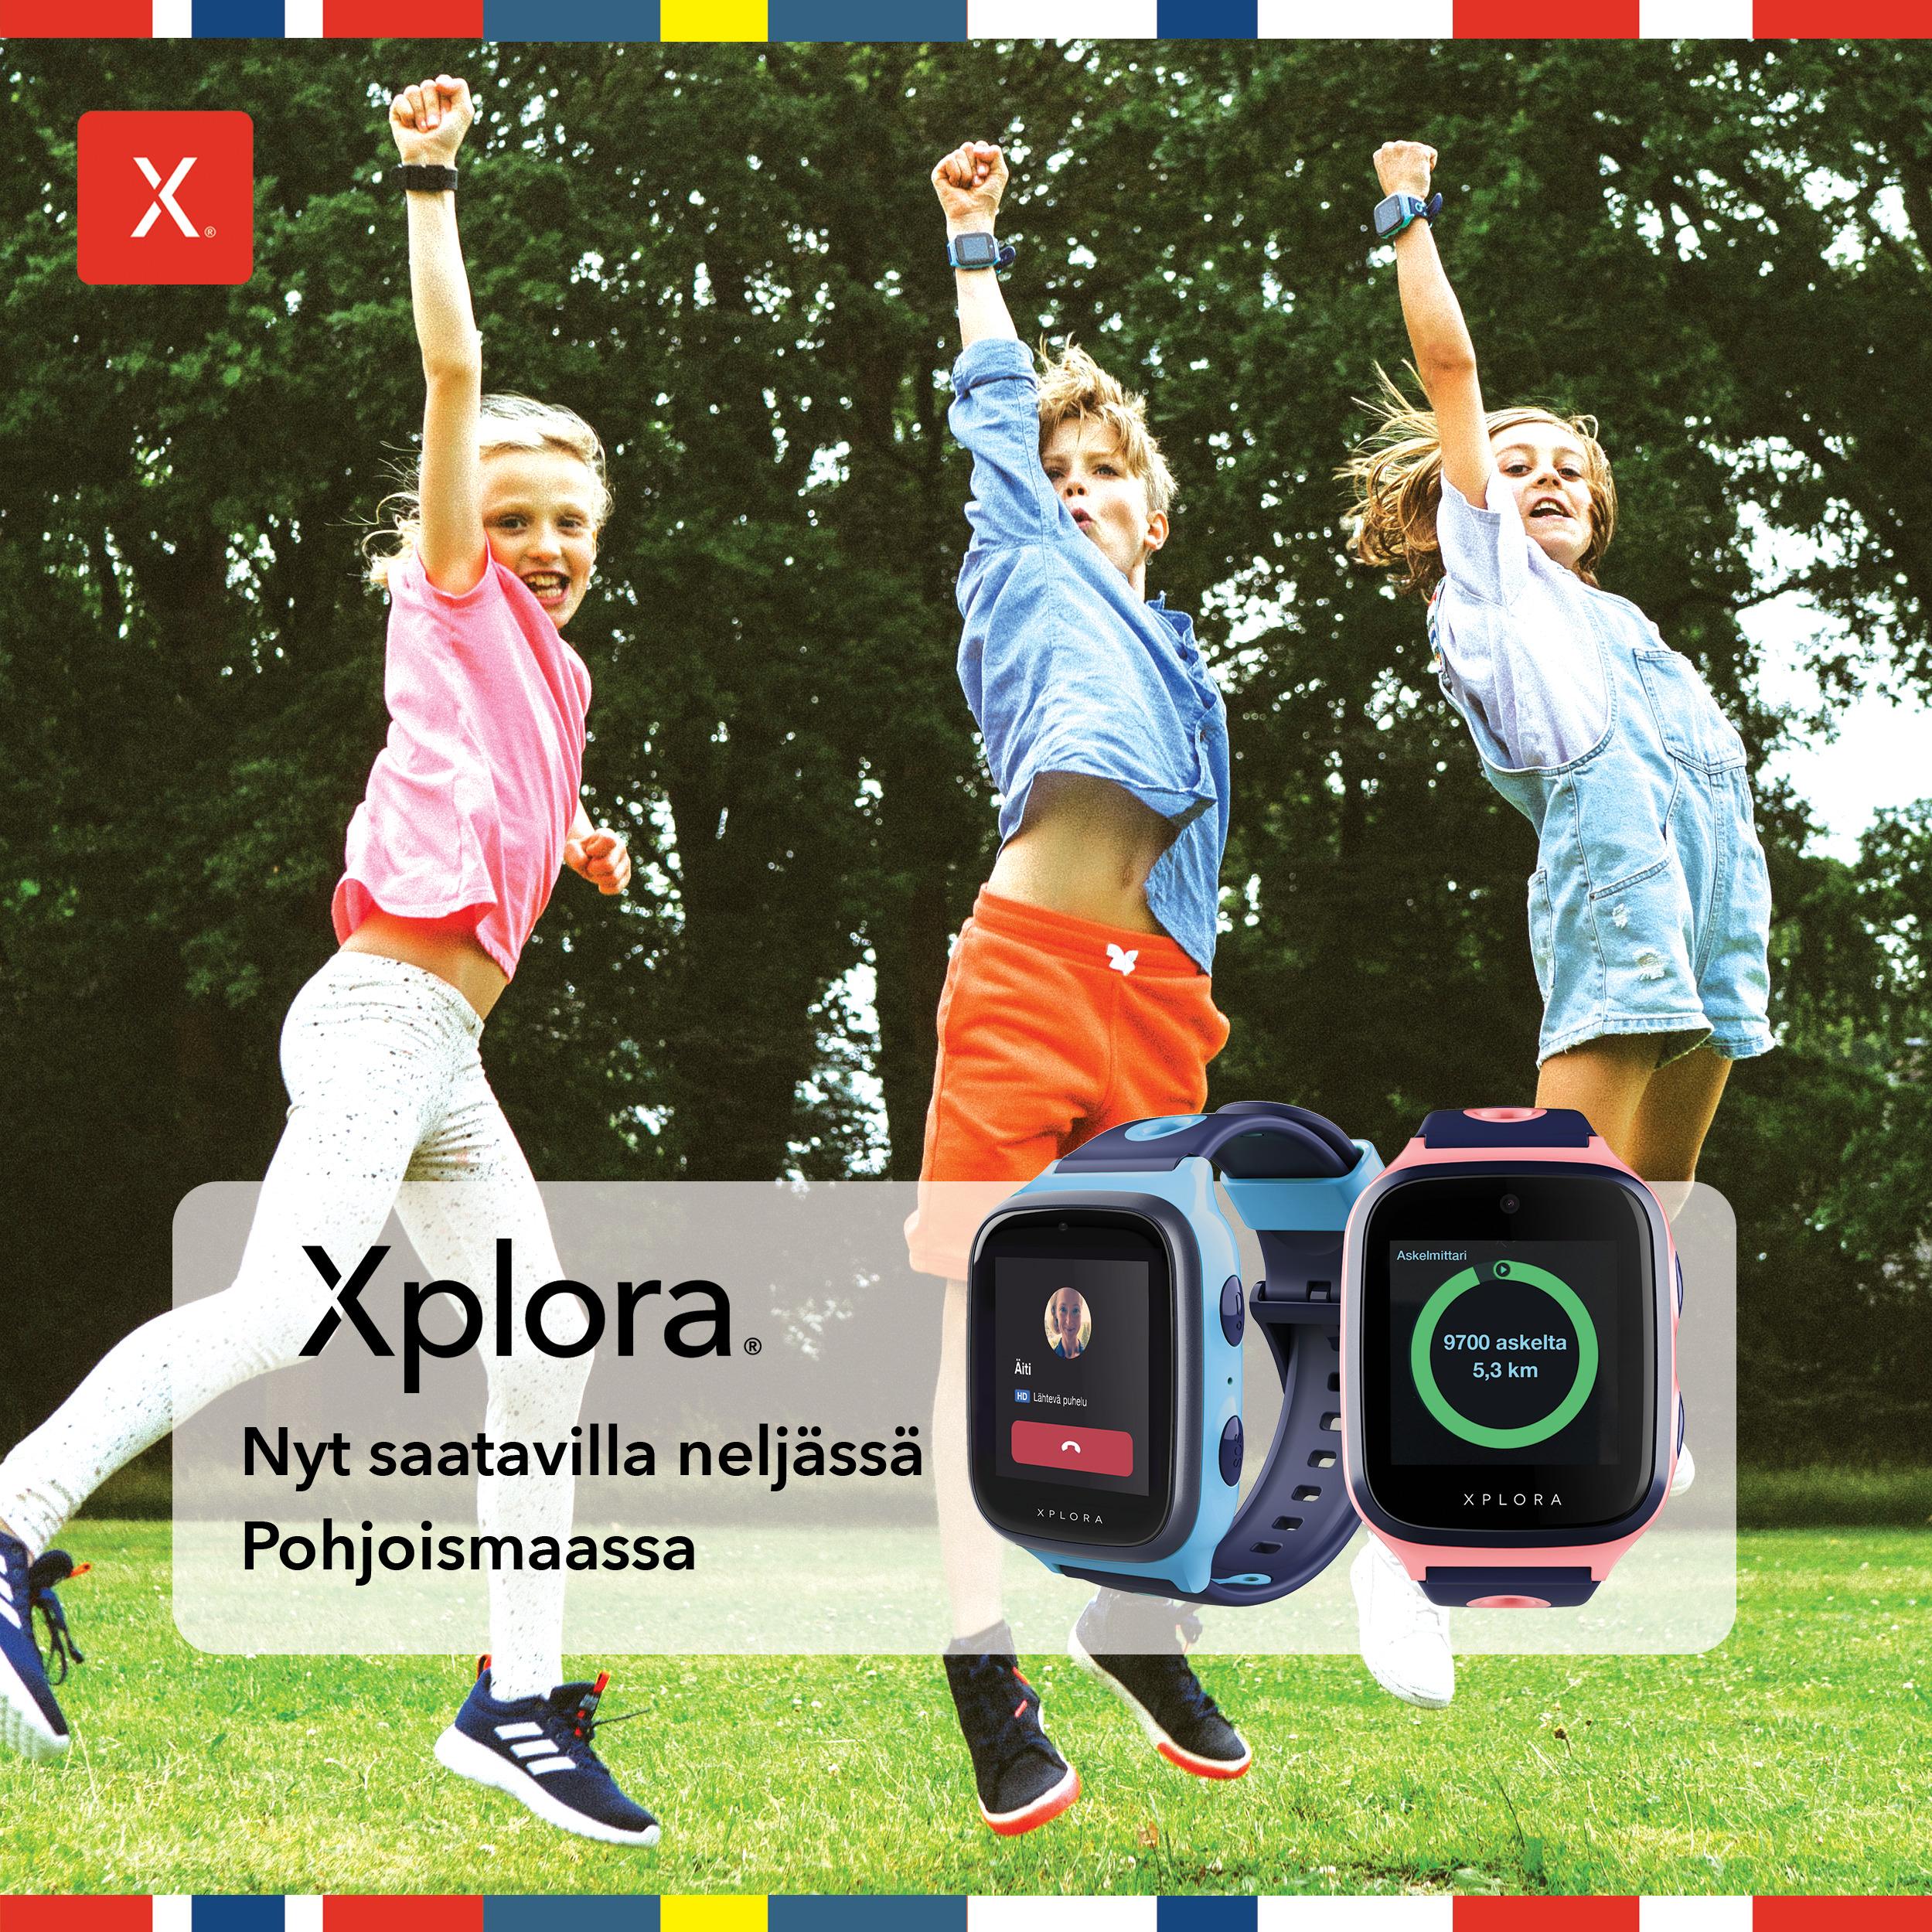 Xplora kellopuhelimet ovat nyt saatavilla neljässä Pohjoismaassa!